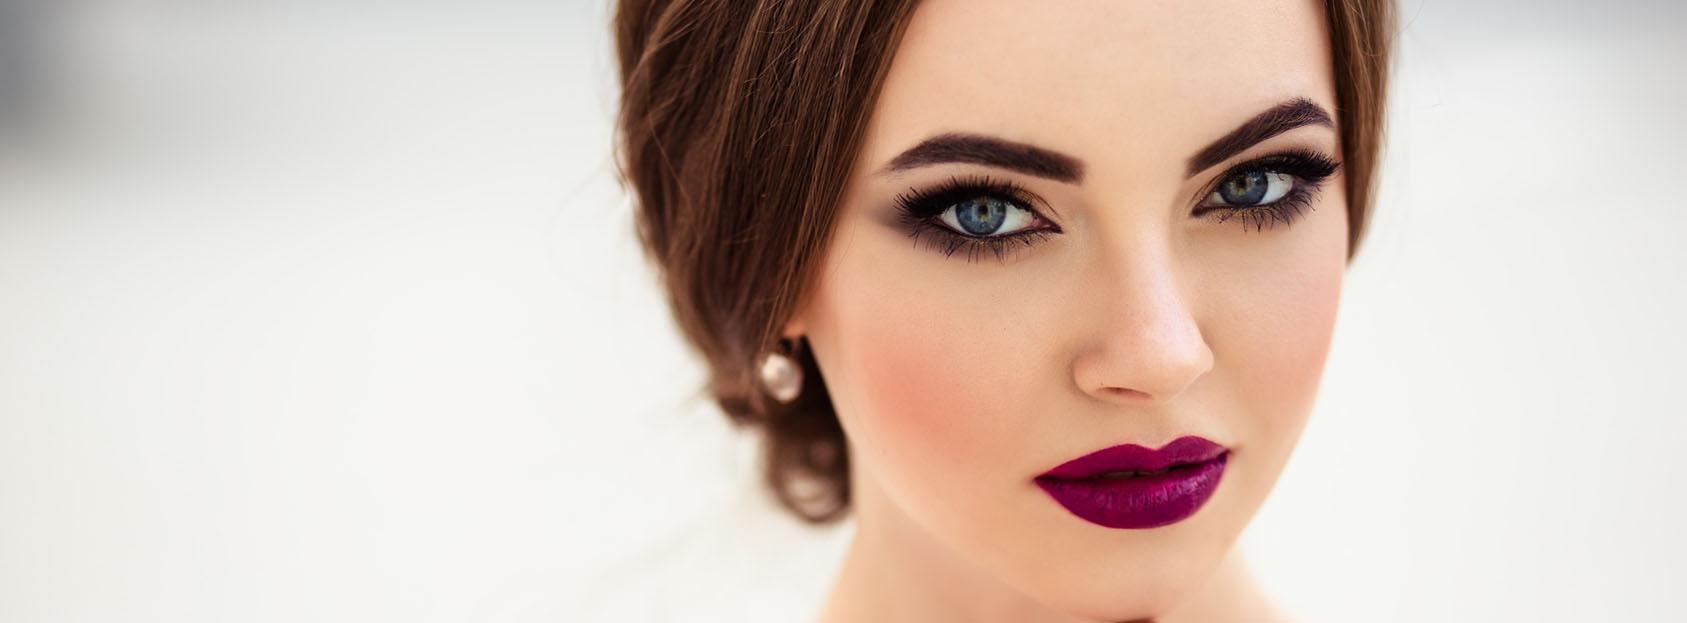 Makijaż dla szatynek